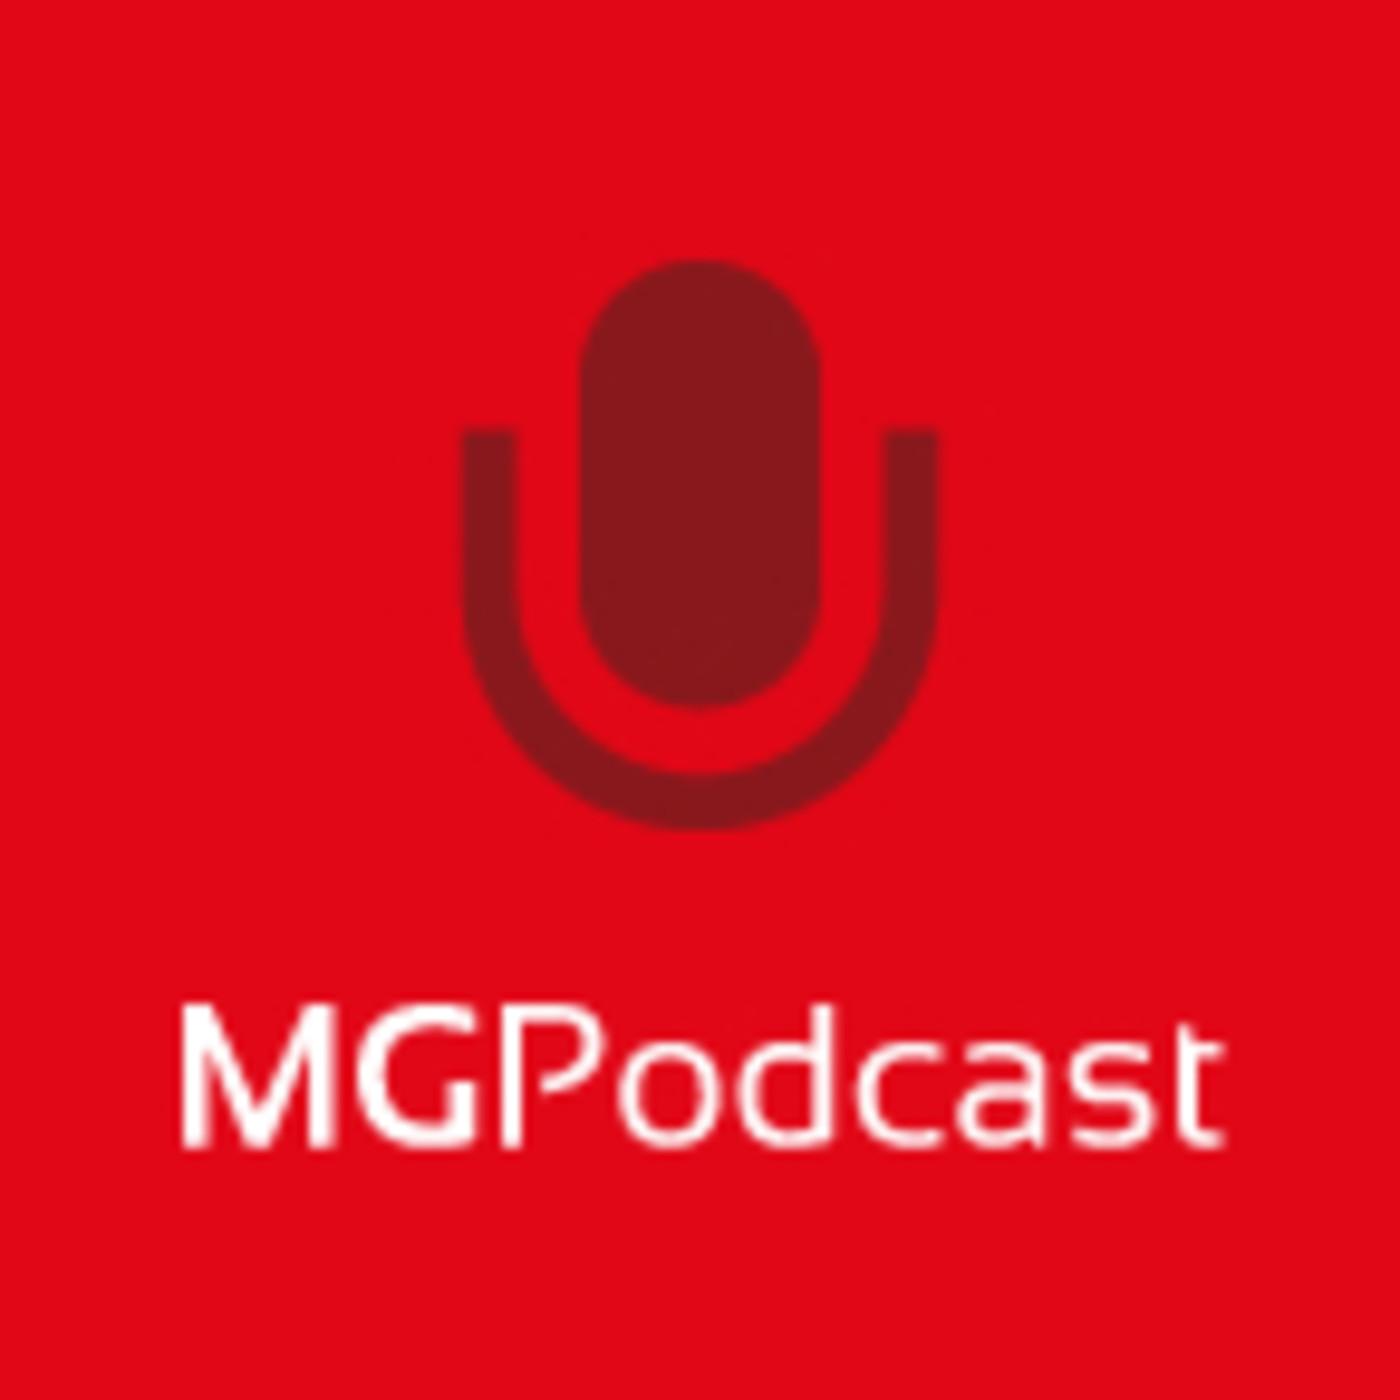 MGPodcast 10x05 - Yakuza Like a Dragon, Kingdom Hearts Melody of Memory, Juegos abandonados, Age of Empires 3